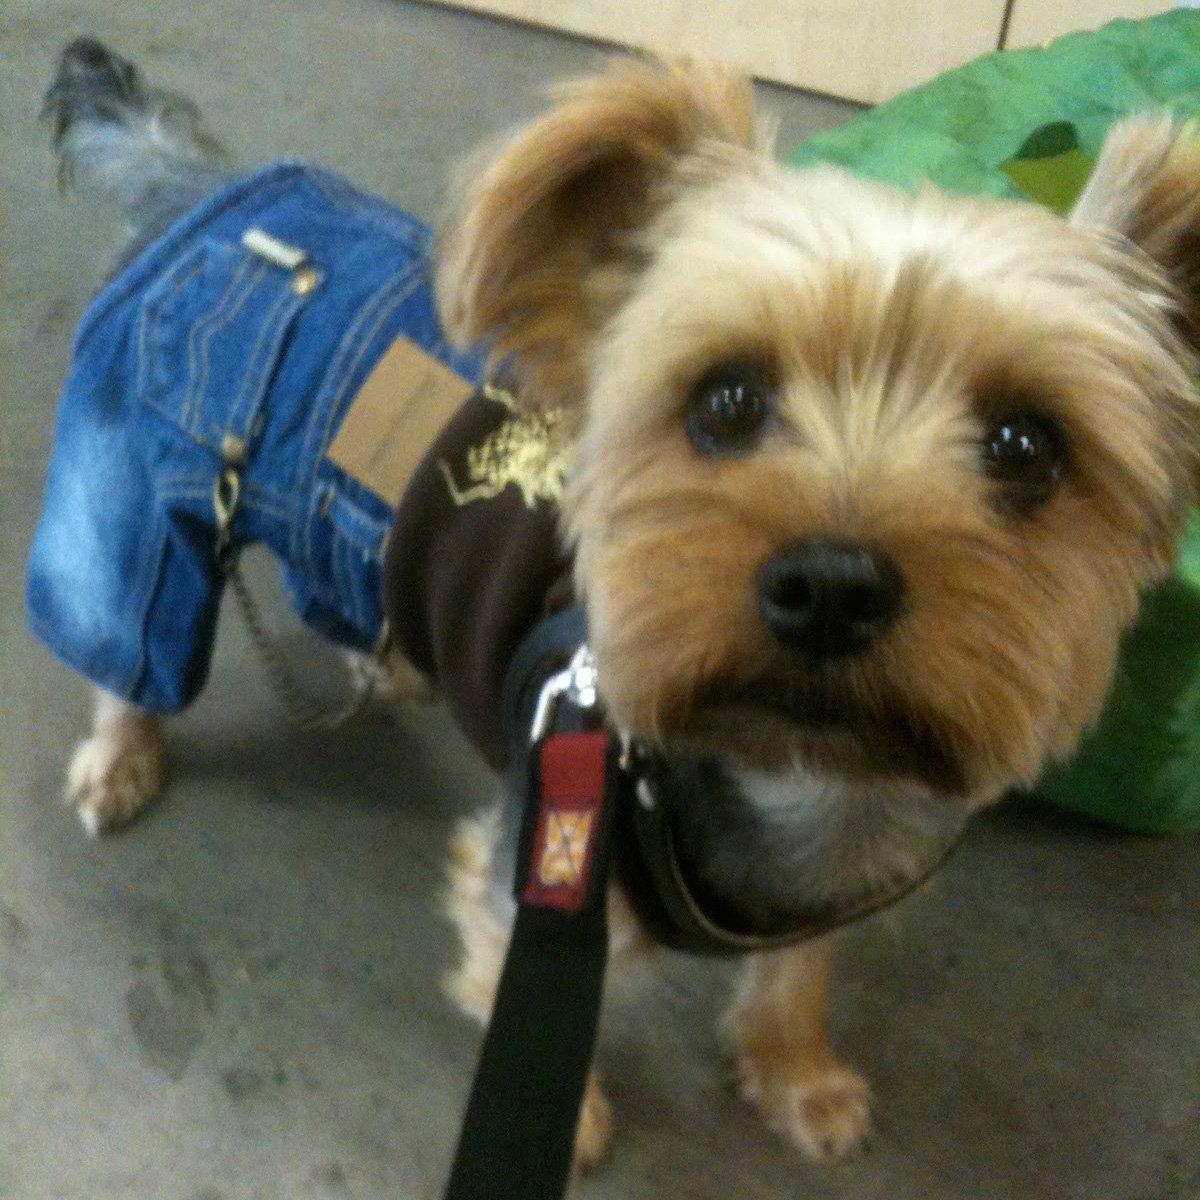 Monkey Daze Designer Dog Apparel - Roly Dragon Denim Jumper - Color: Brown & Denim, Size: M